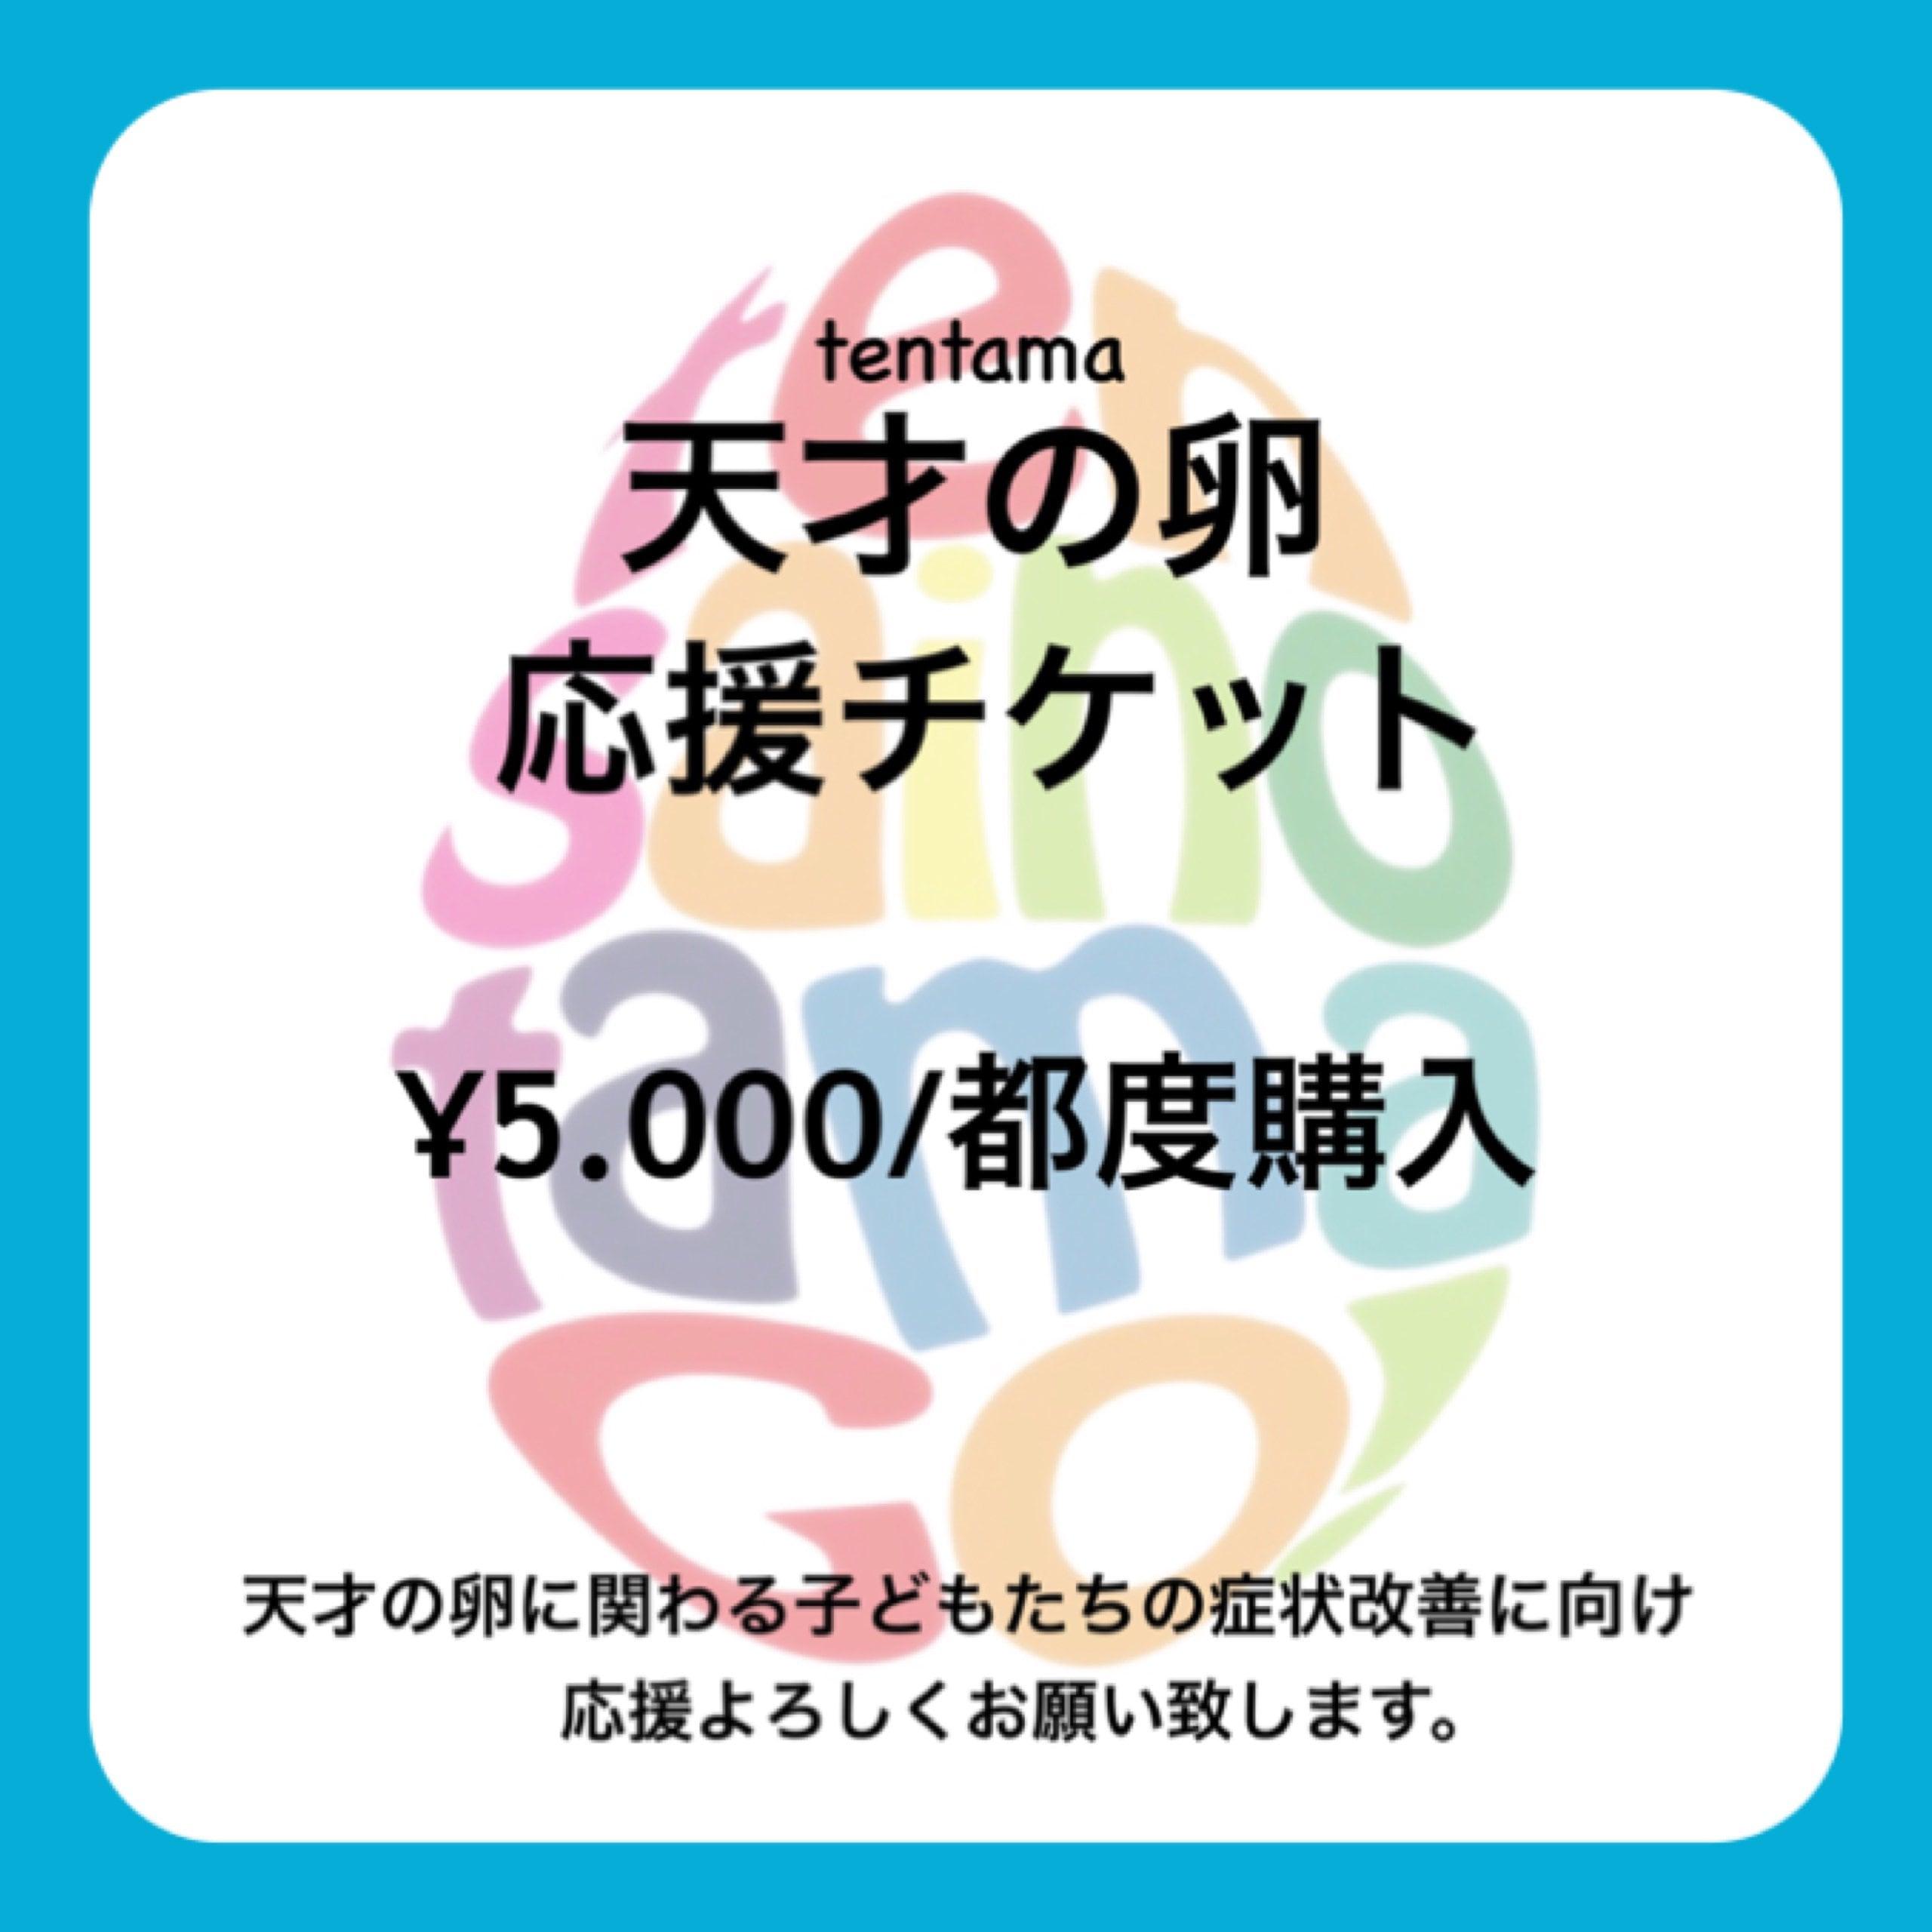 一般社団法人天才の卵応援チケット*¥5.000都度購入のイメージその1